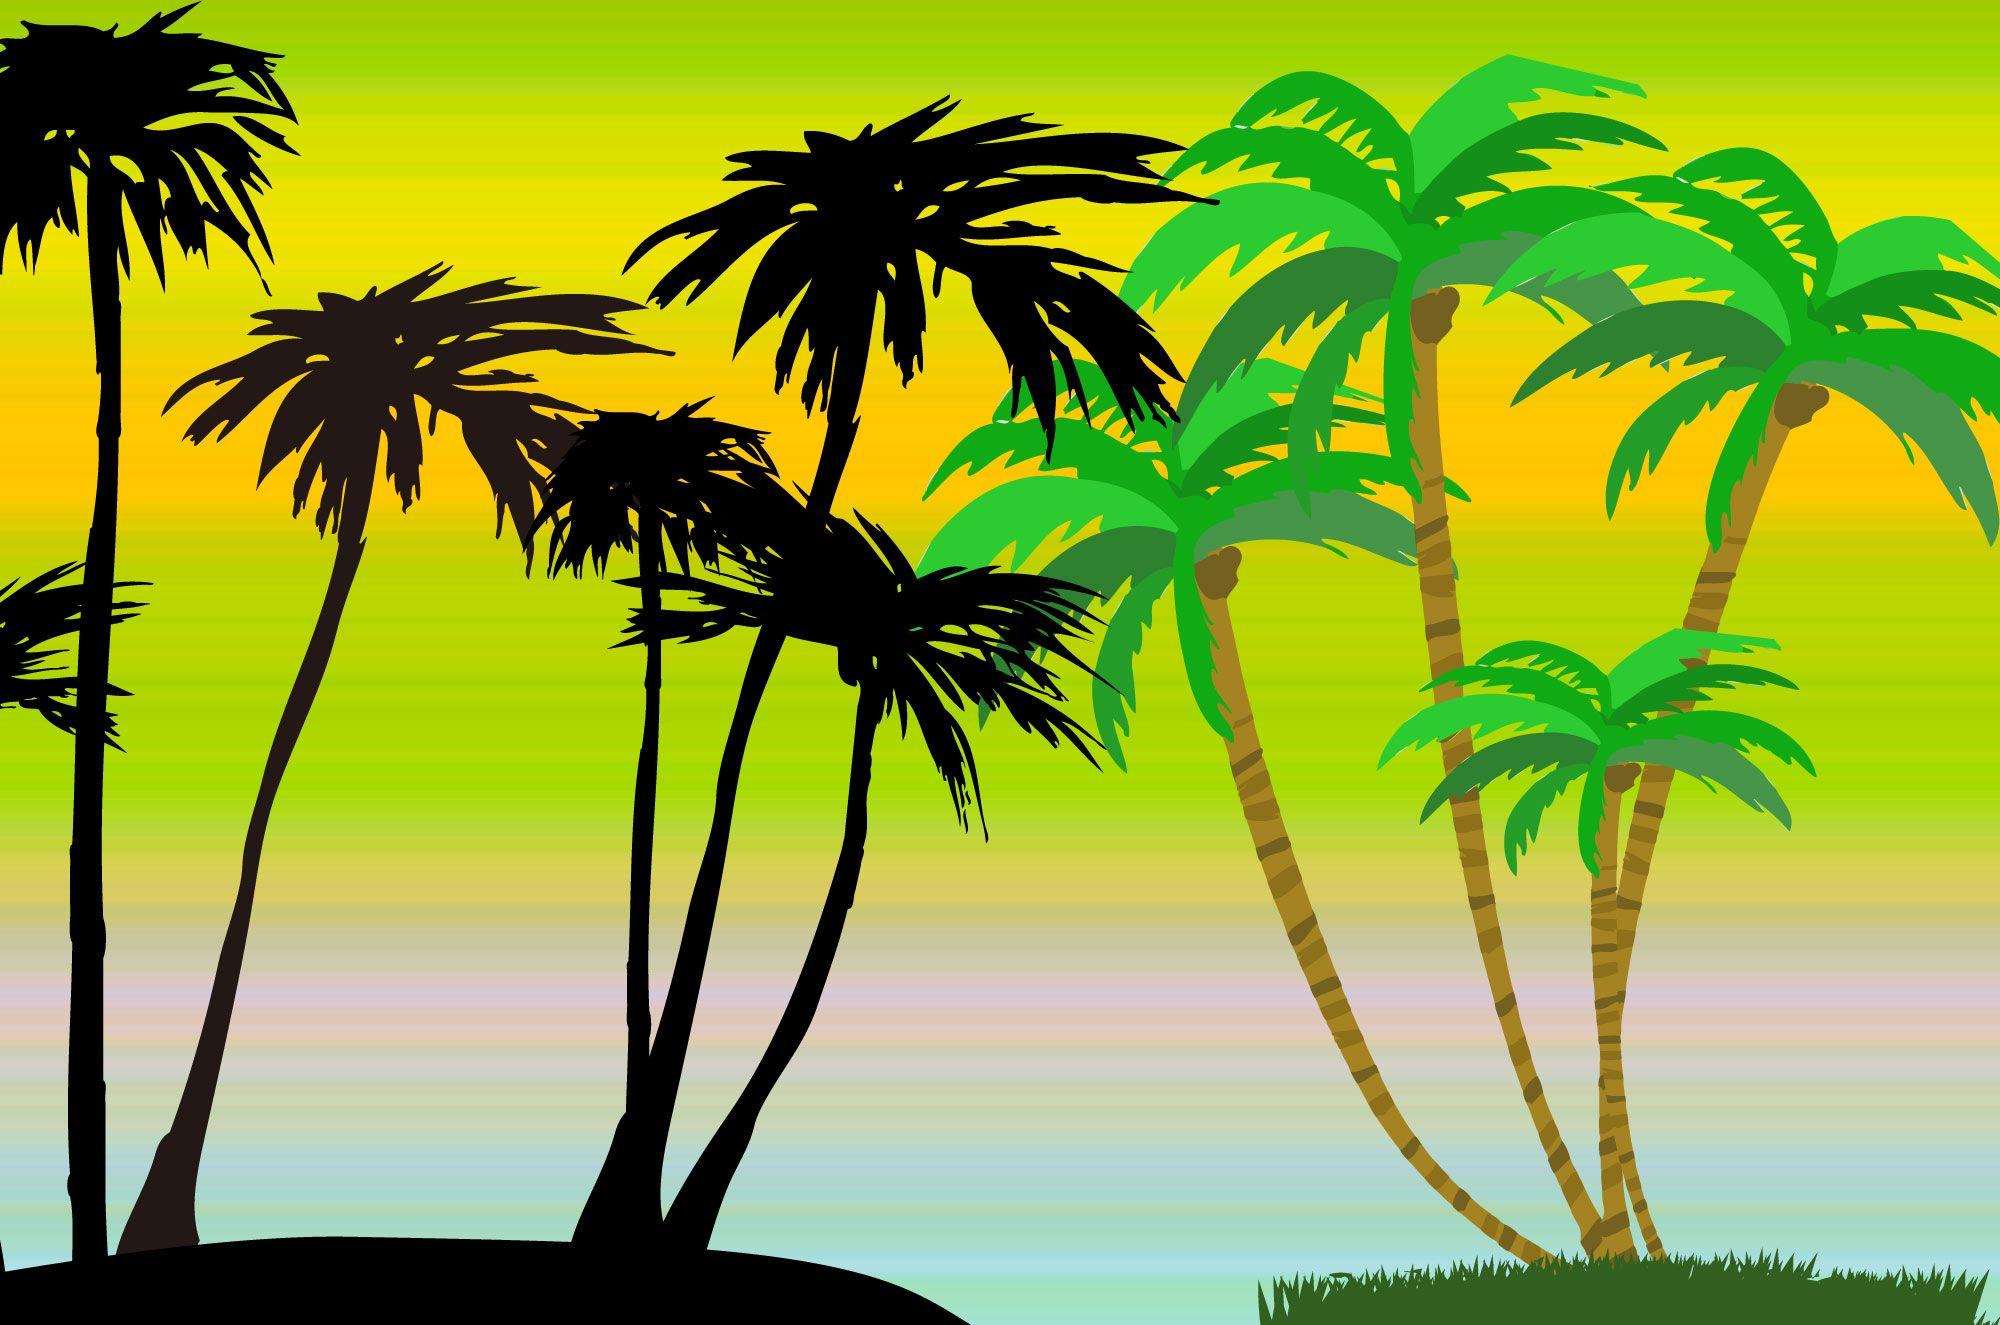 ハワイっぽいヤシの木だけを集めたフリーで使えるイラストシルエットや